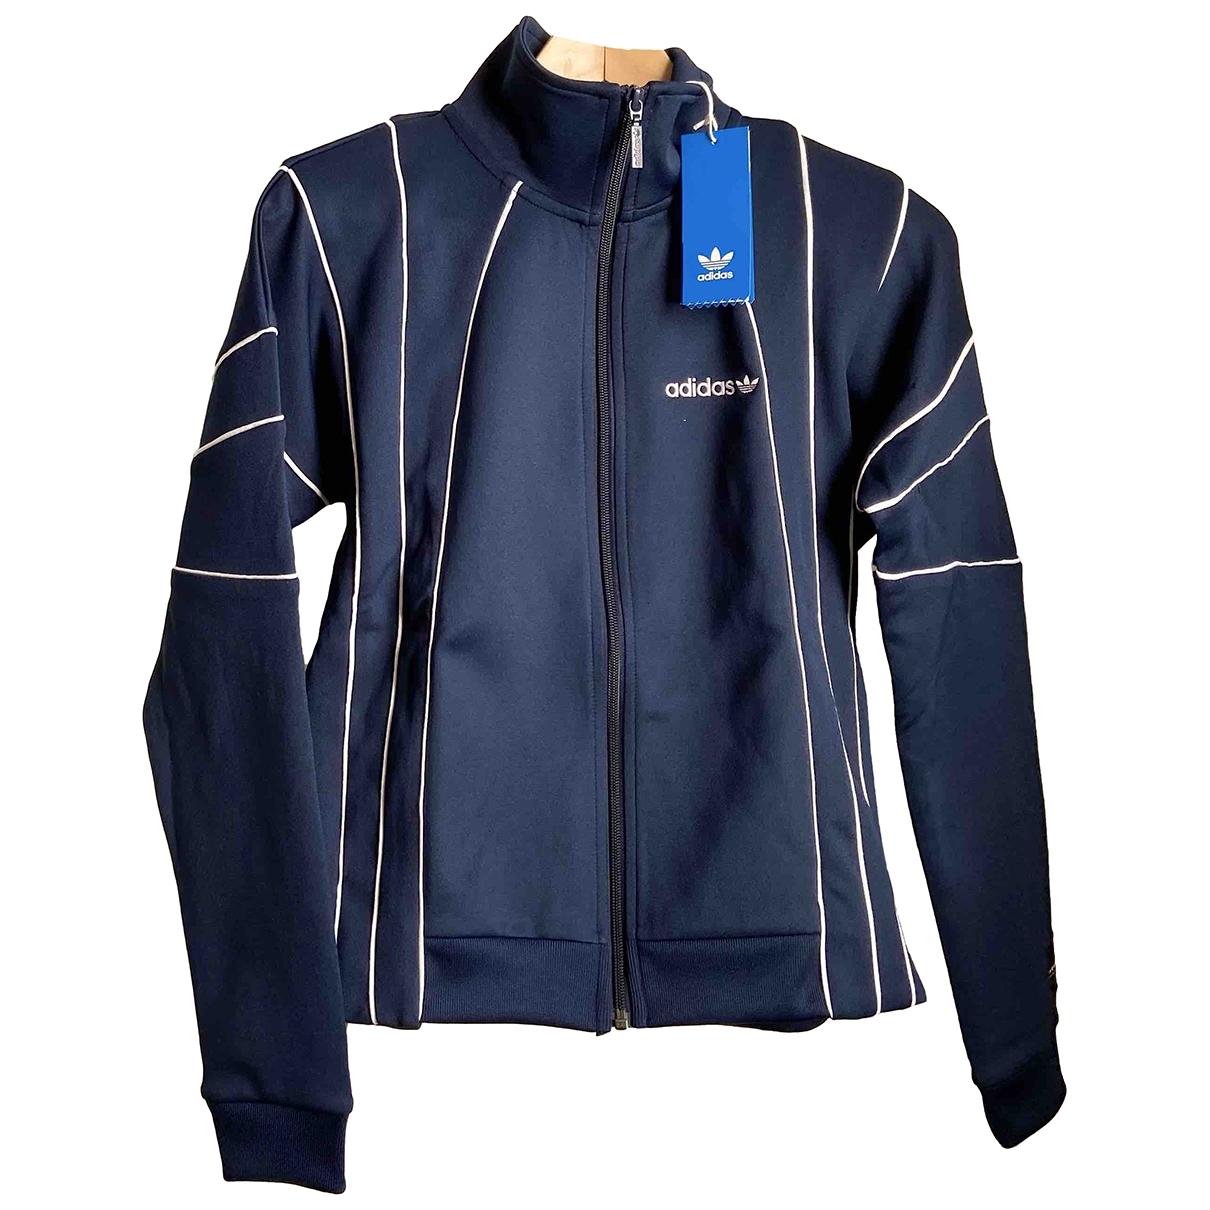 Adidas - Veste   pour femme - bleu